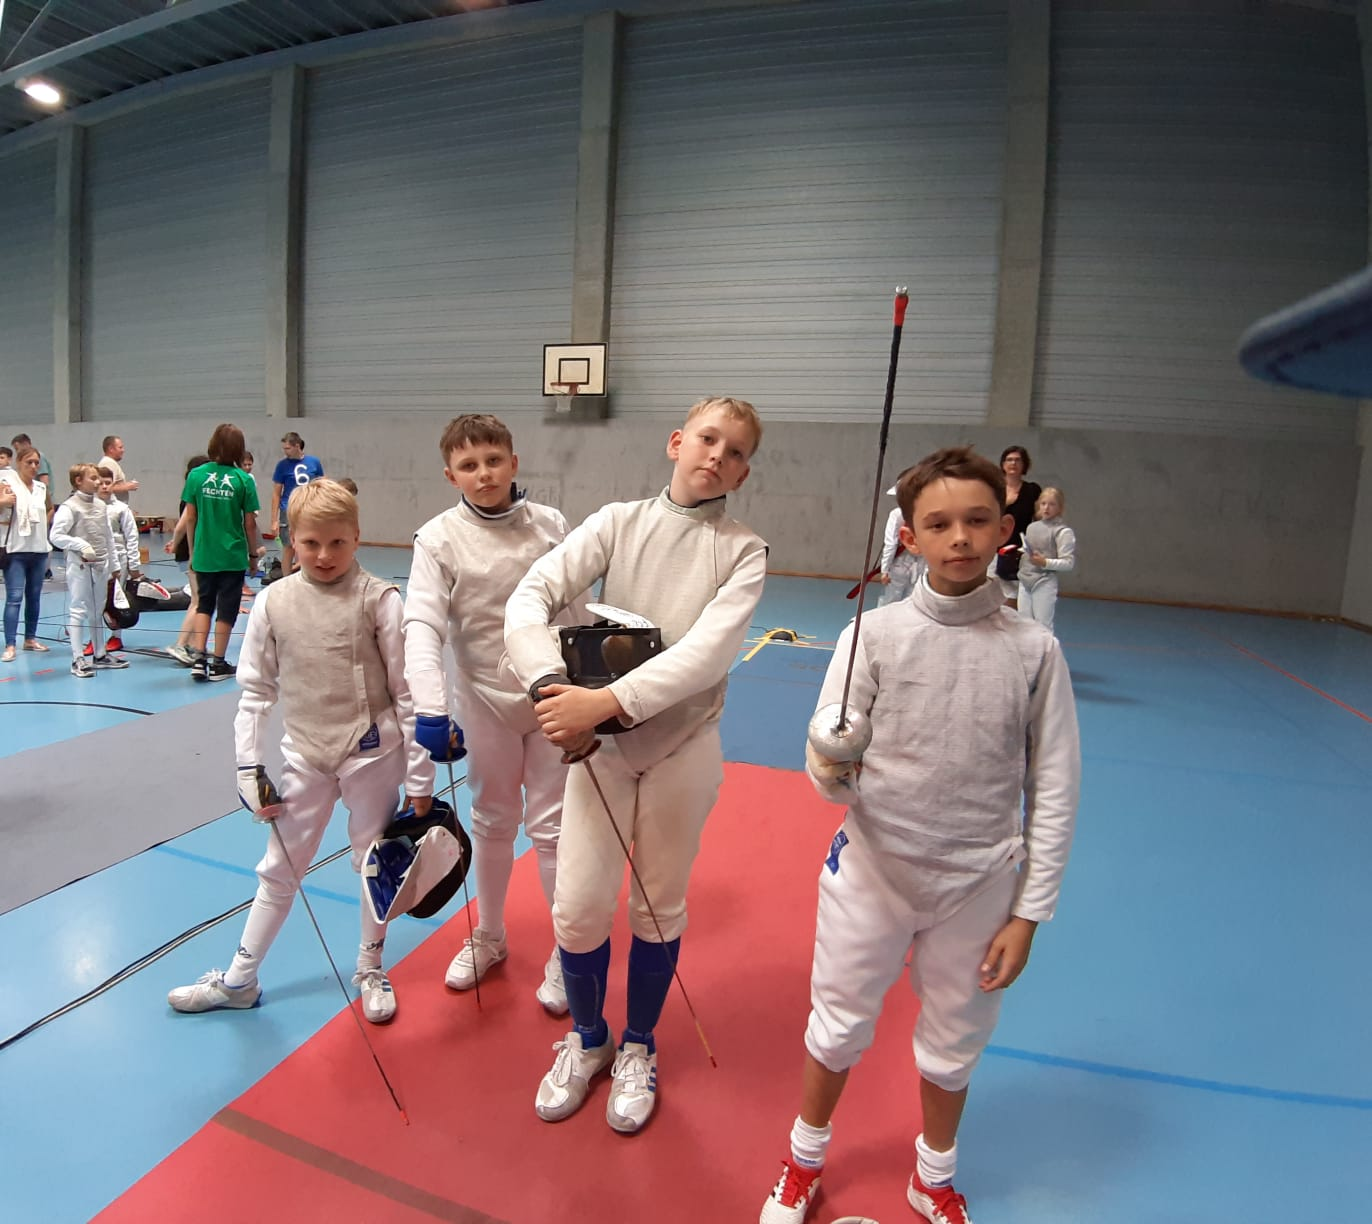 Landesjugendspiele_Landesmeisterschaften_Schler_Florett2019_12.jpg